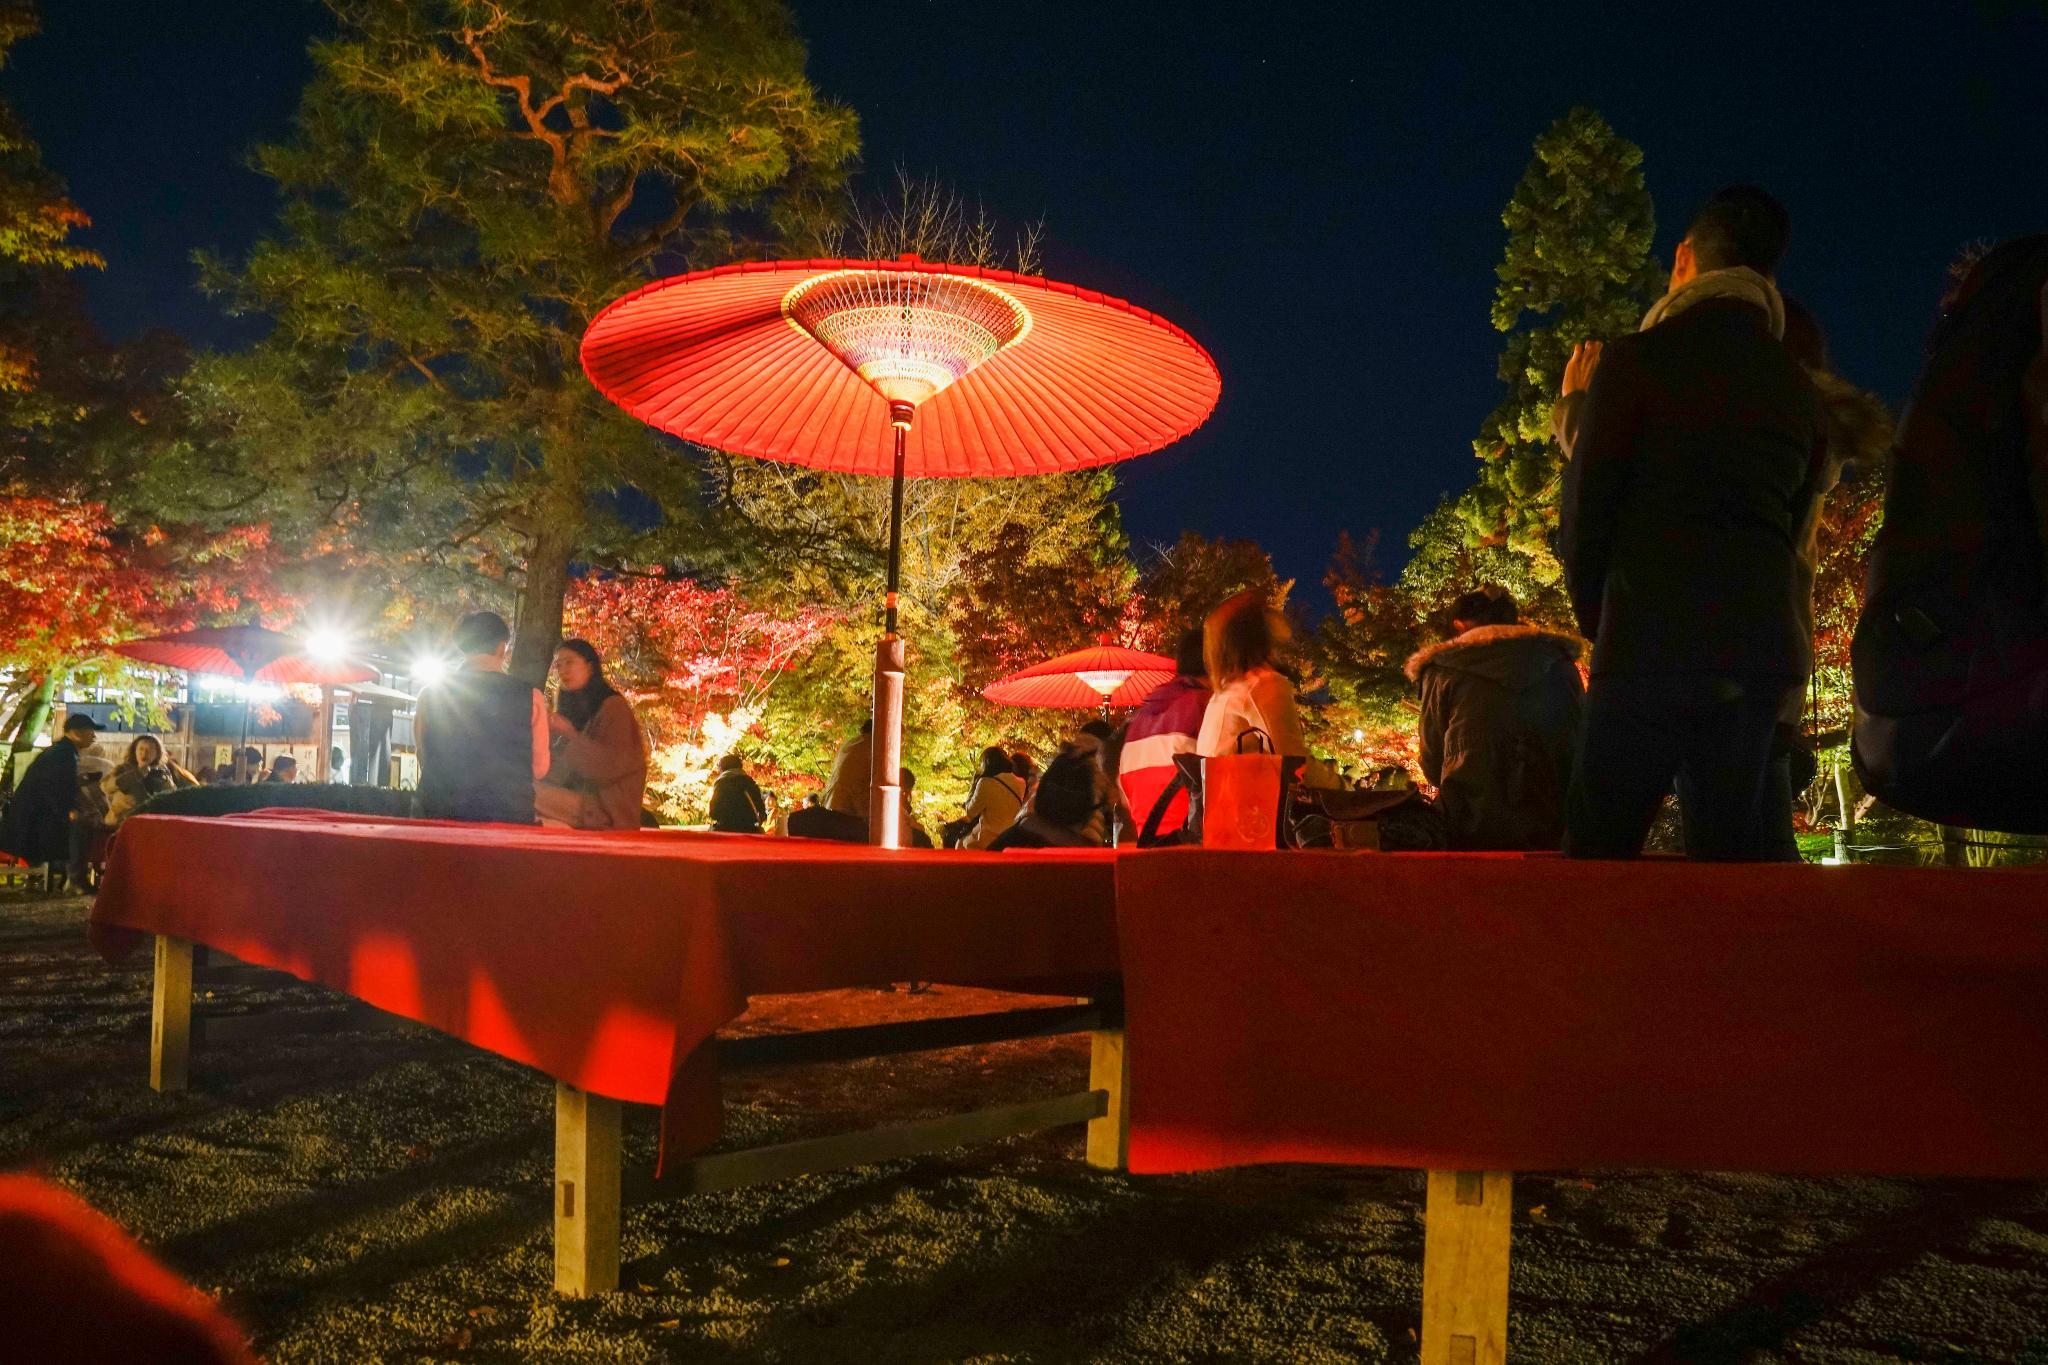 【京都】此生必來的紅葉狩絕景 - 永觀堂夜楓 118